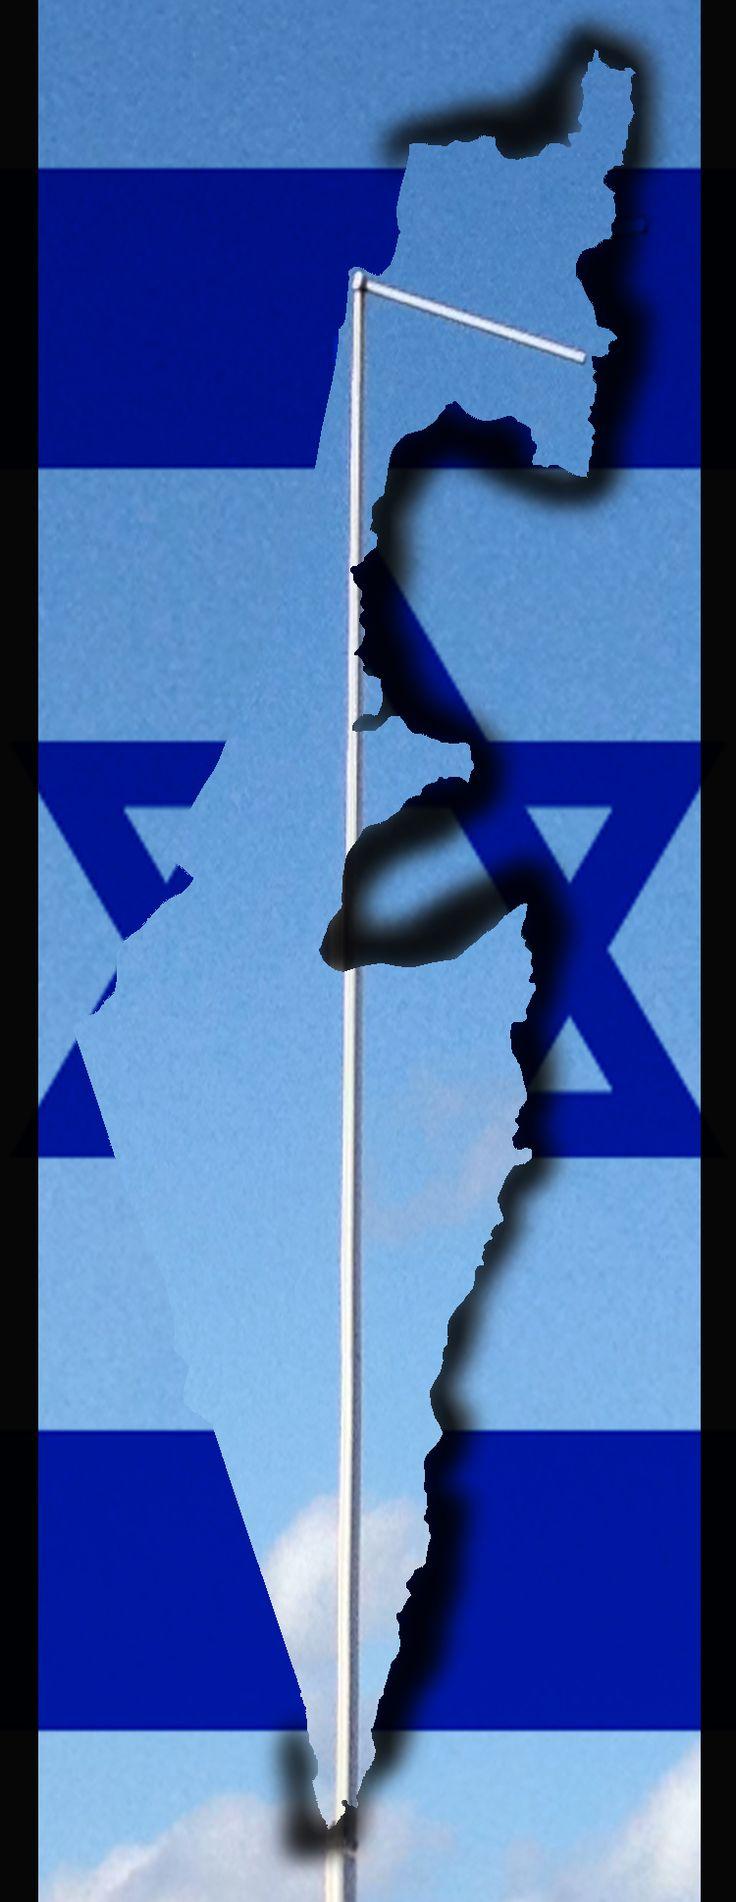 (Yisrā'el) et מְדִינַת יִשְׂרָאֵל (Medīnat Yisra'el), en arabe إِسْرَائِيلُ (Isrā'īl) et دولة إسرائيل (Dawlat Isrā'īl), MAP ISRAEL